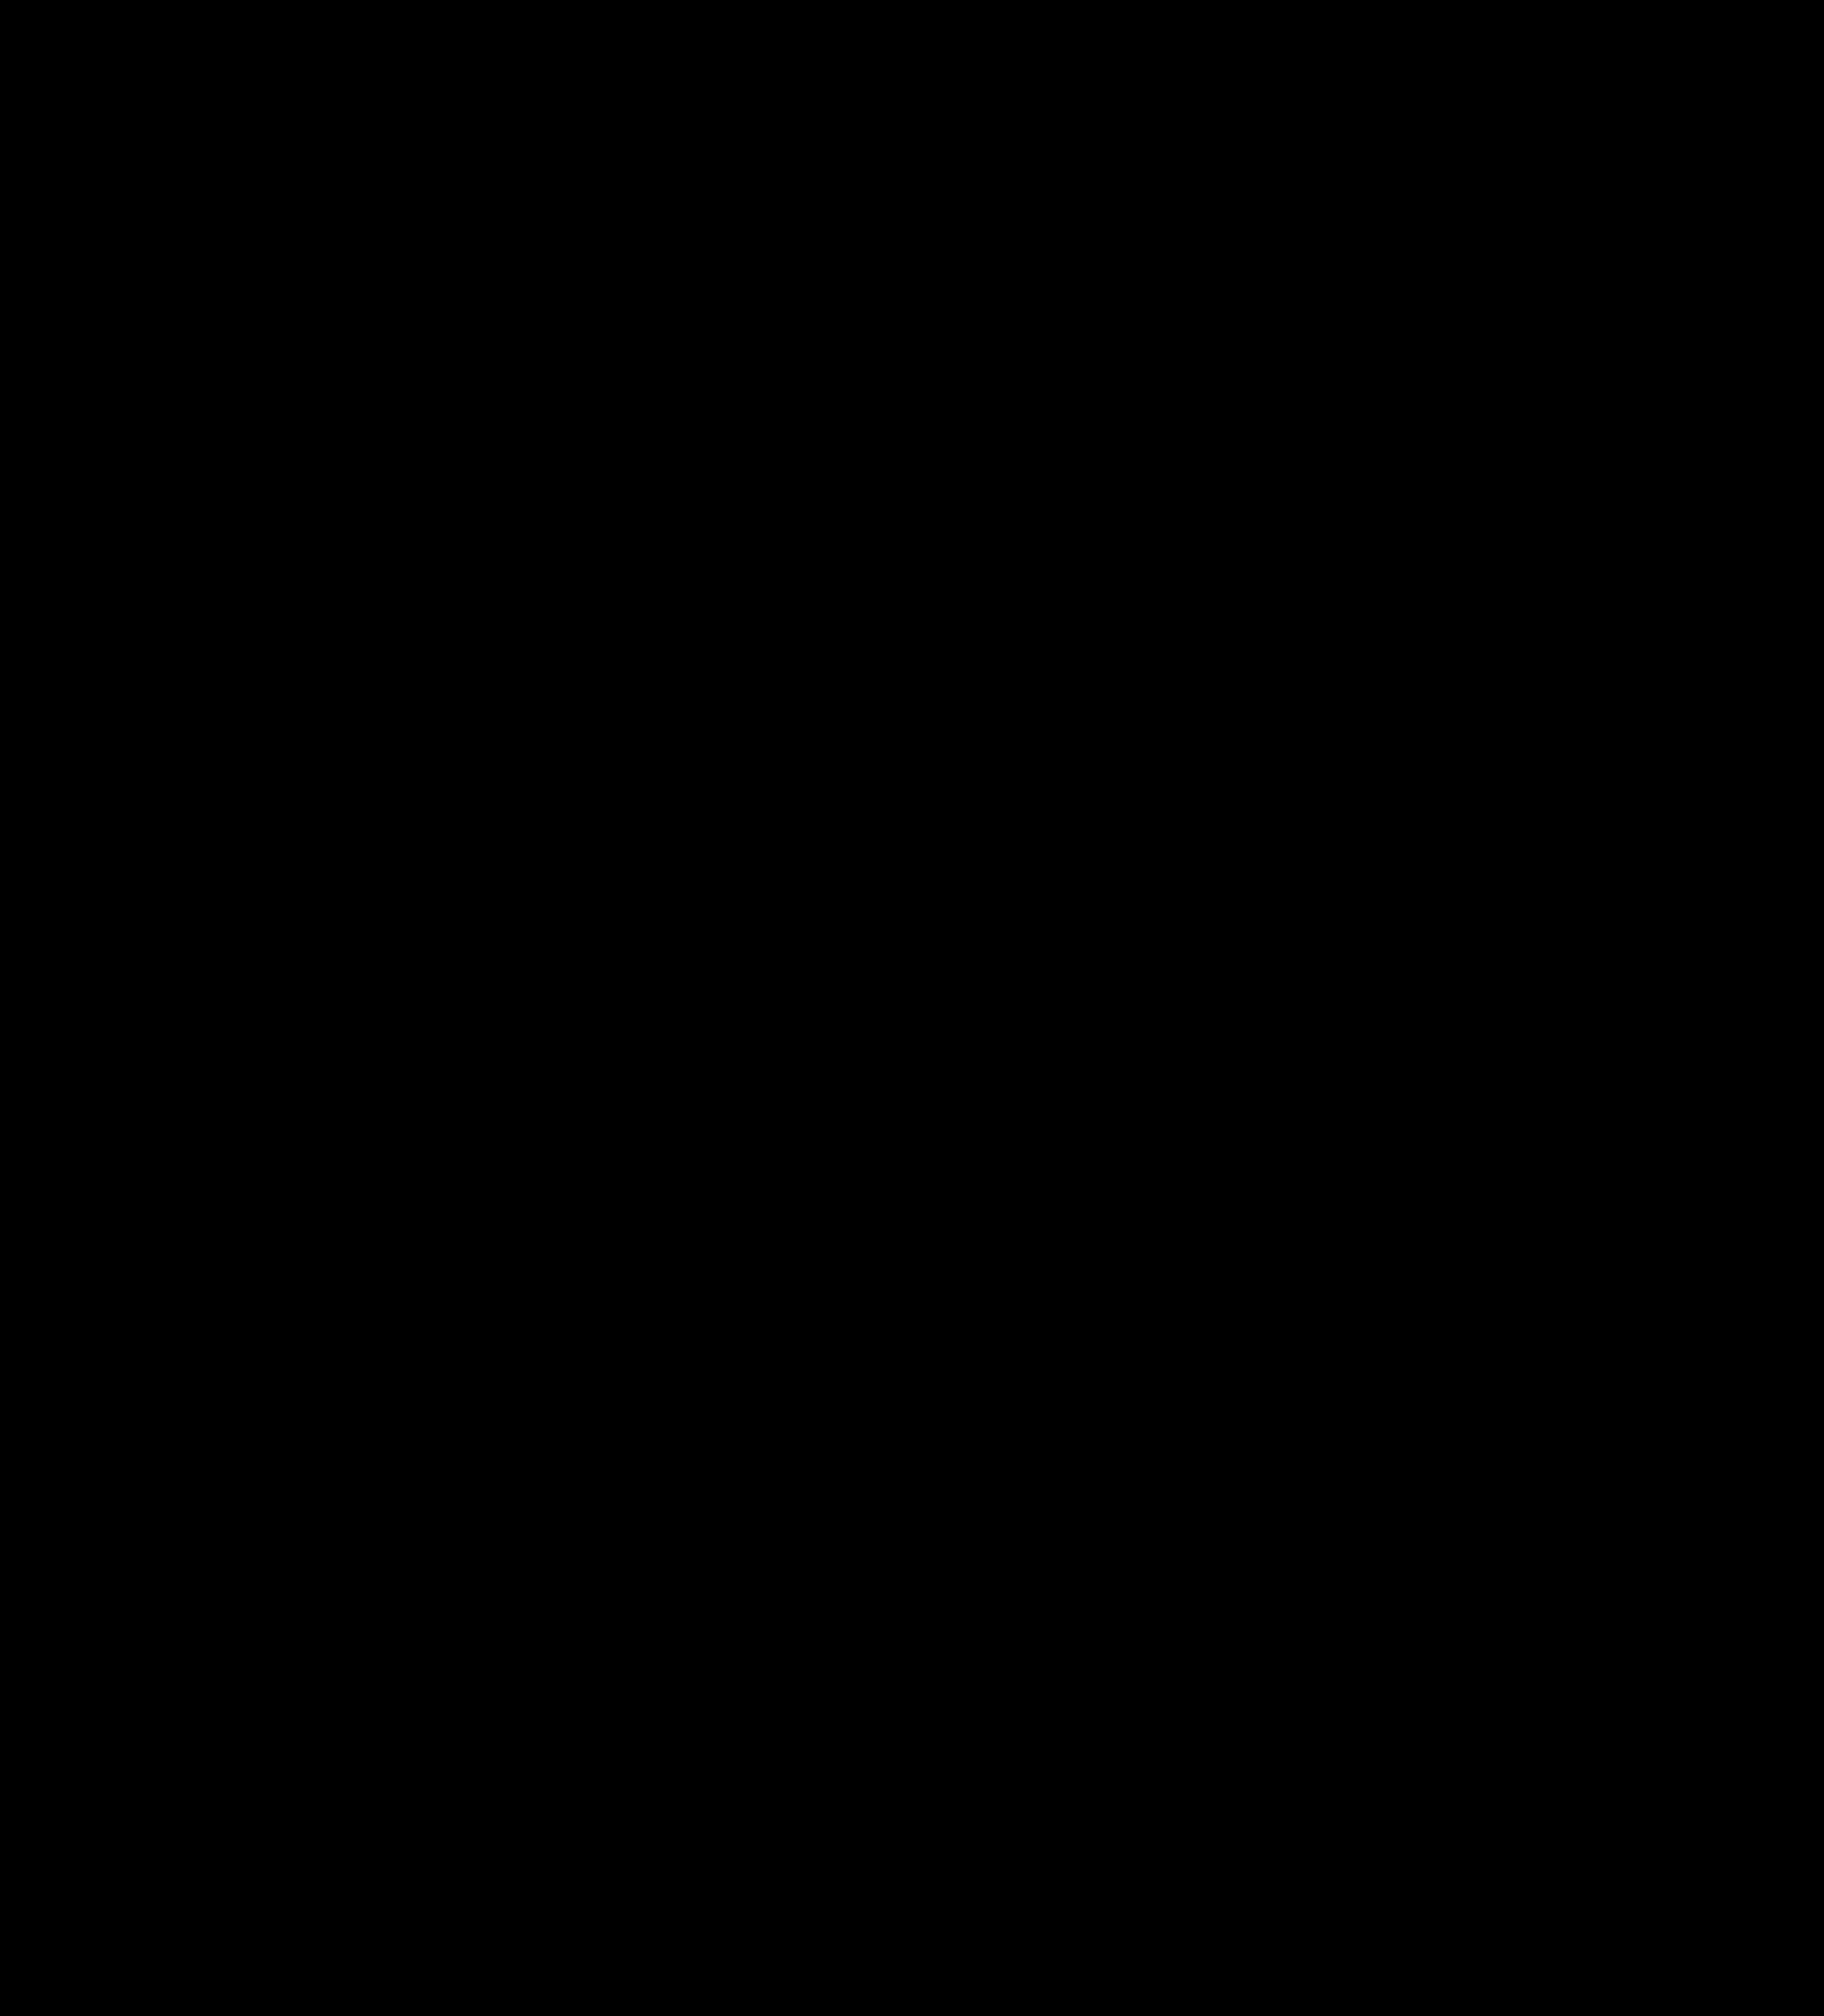 Zrób badania wody wLaboratorium MZK.